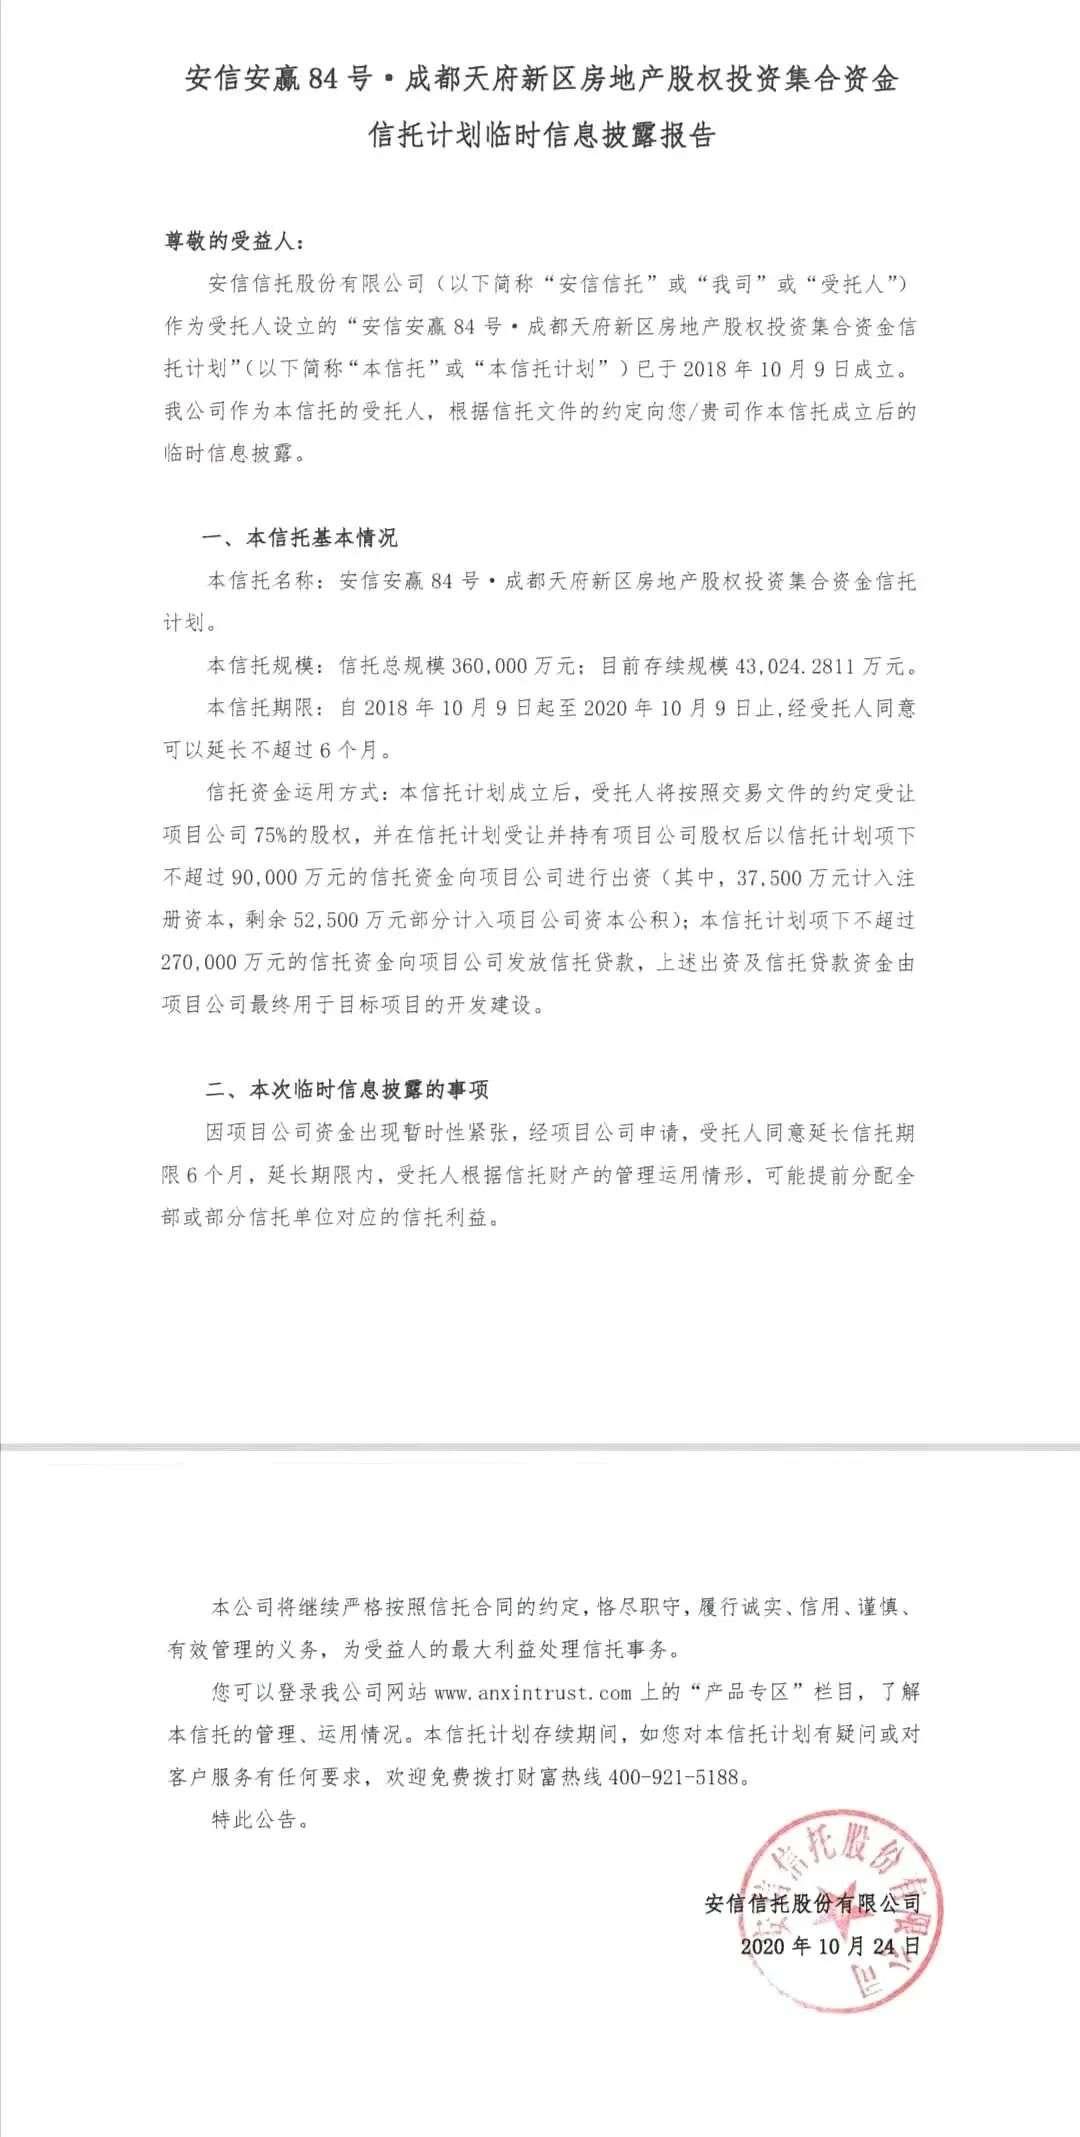 """成都项目卷入风波,四川民企""""四哥""""蓝润面临转型大挑战"""